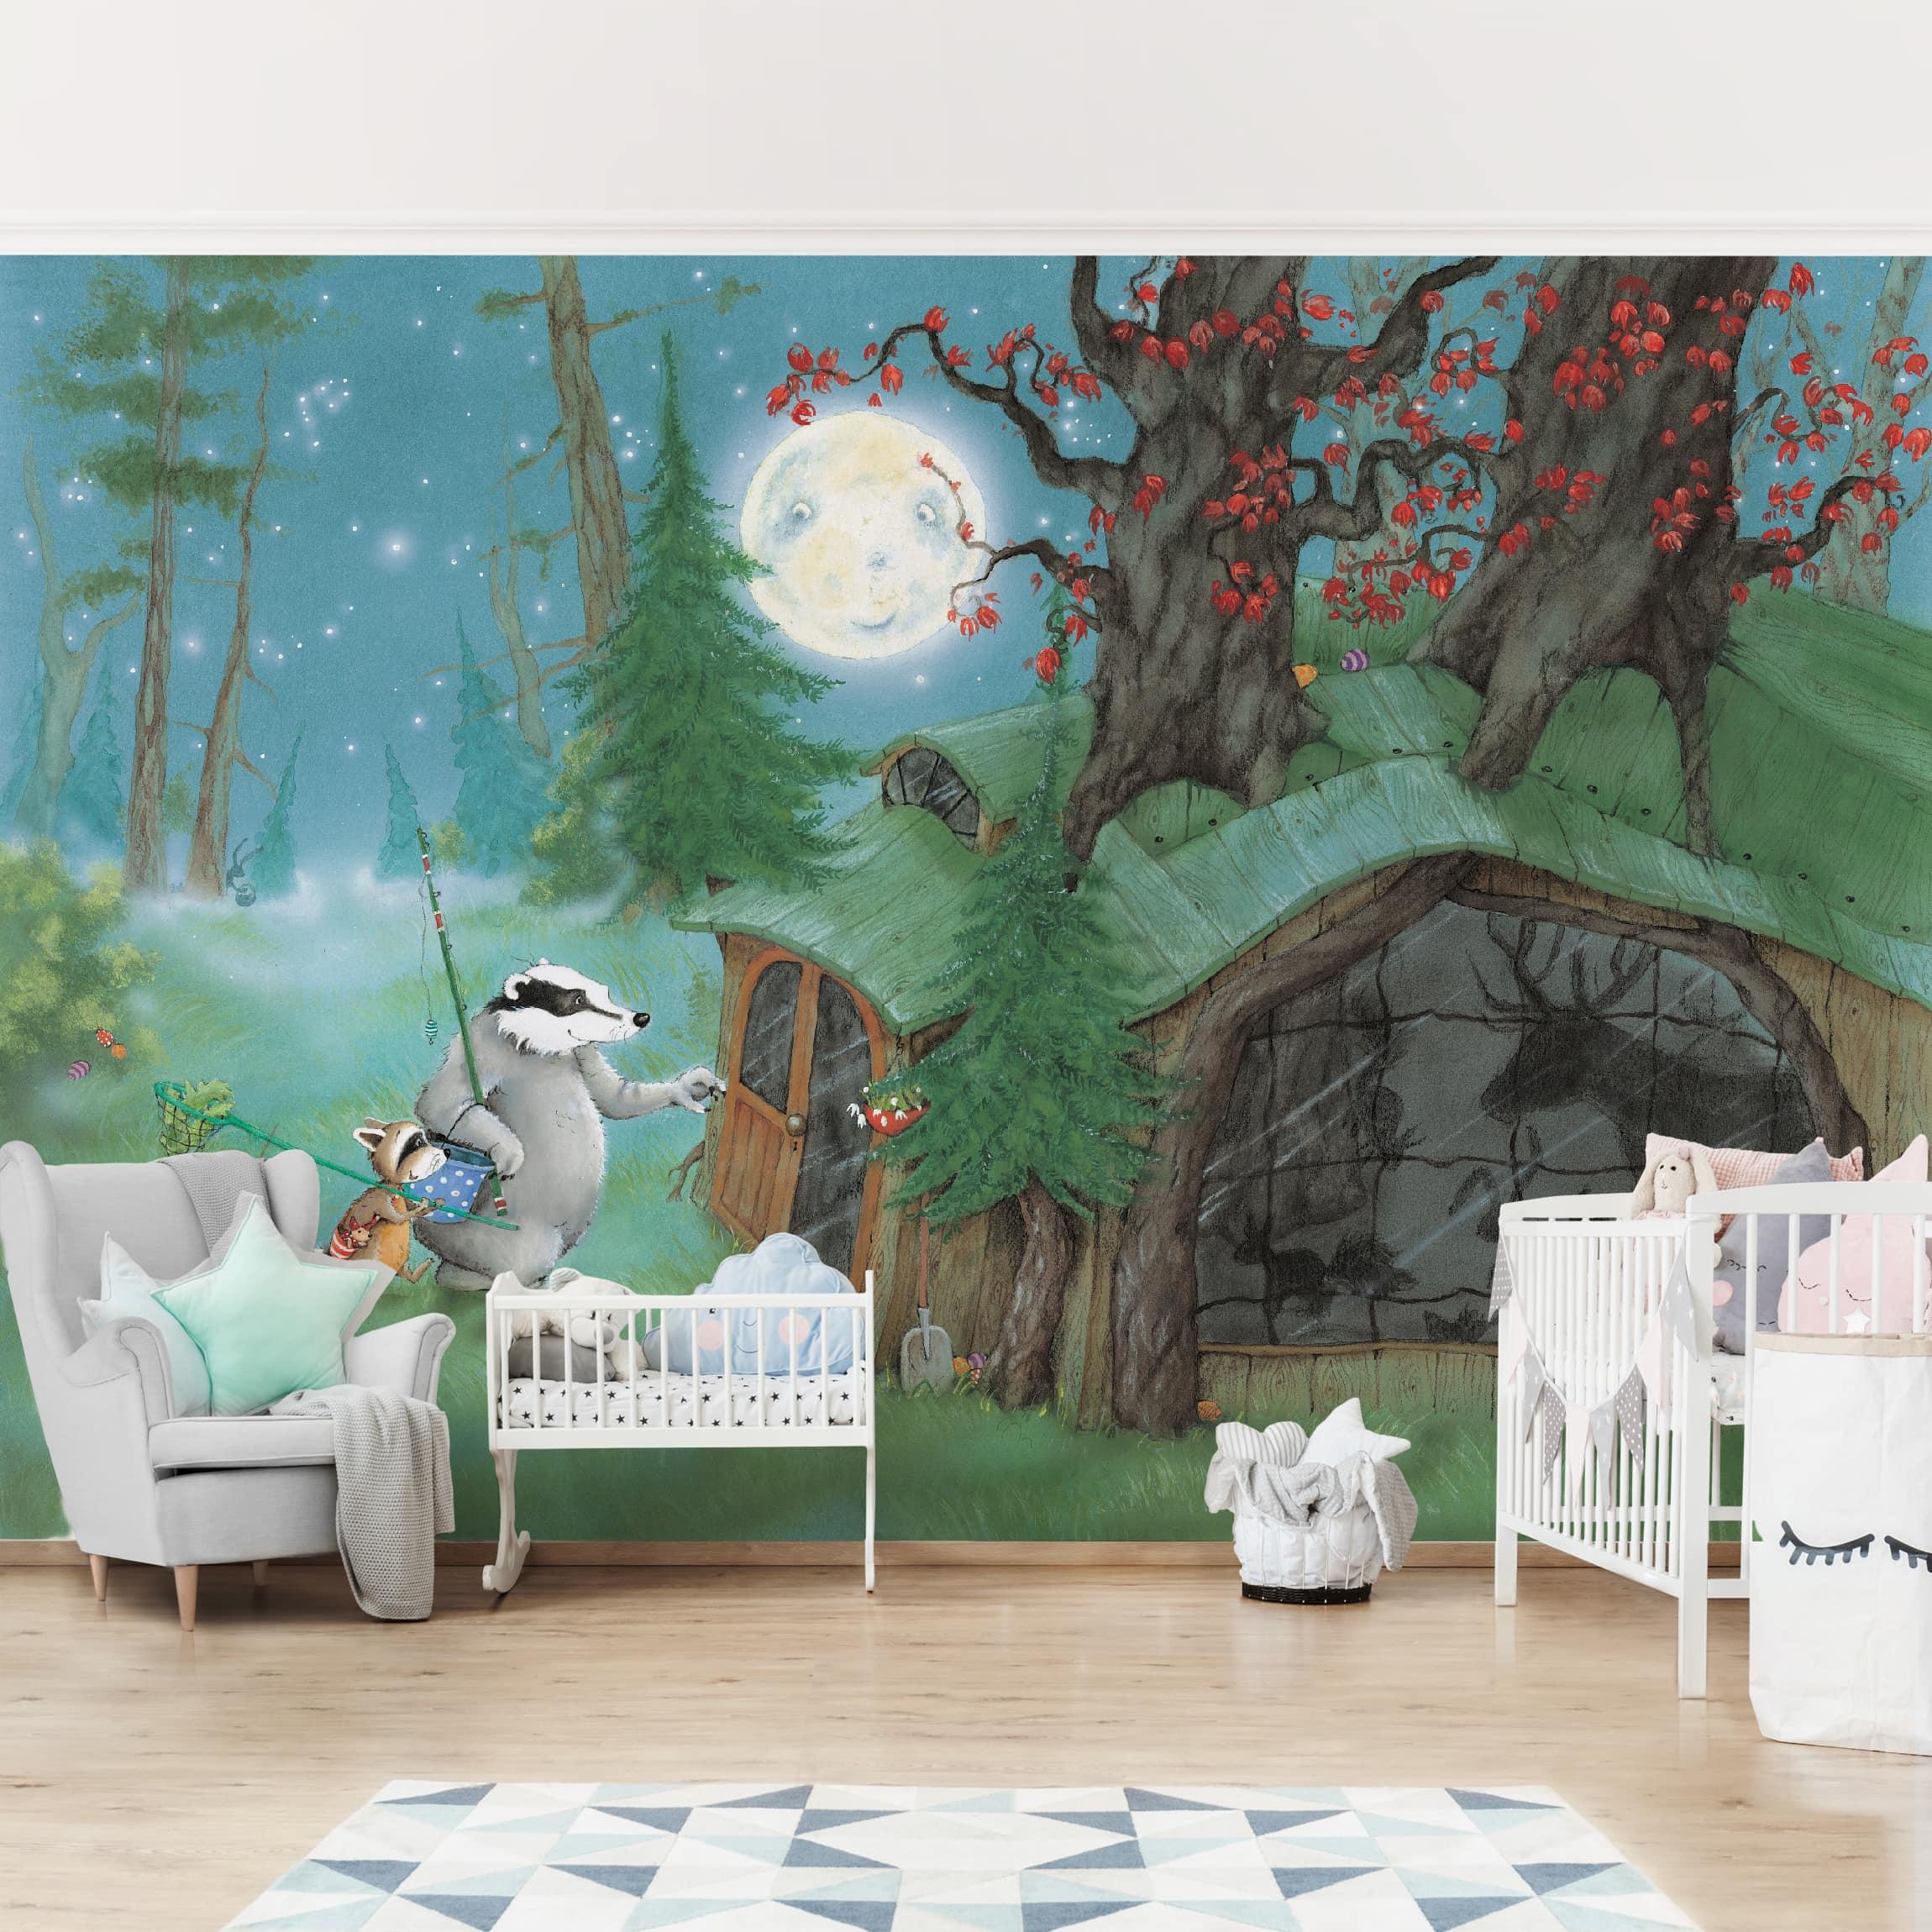 Full Size of Tapeten Für Kinderzimmer Selbstklebende Tapete Wassili Auf Dem Heimweg Regal Weiß Fliesen Dusche Kopfteil Bett Küche Körbe Badezimmer Schlafzimmer Schaukel Kinderzimmer Tapeten Für Kinderzimmer